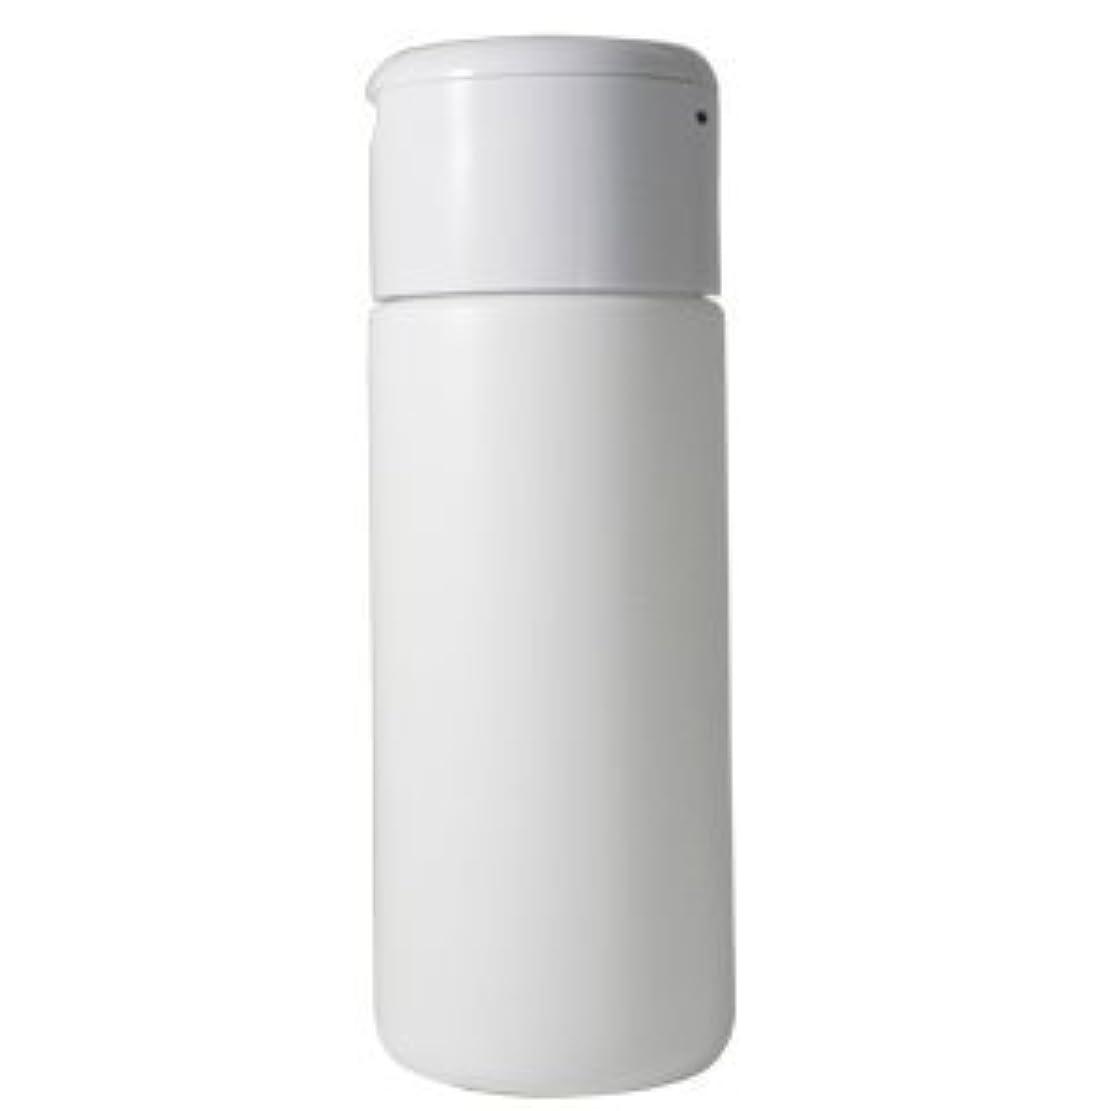 周波数ありふれた知覚するワンタッチキャップ パウダー用ボトル容器 190ml